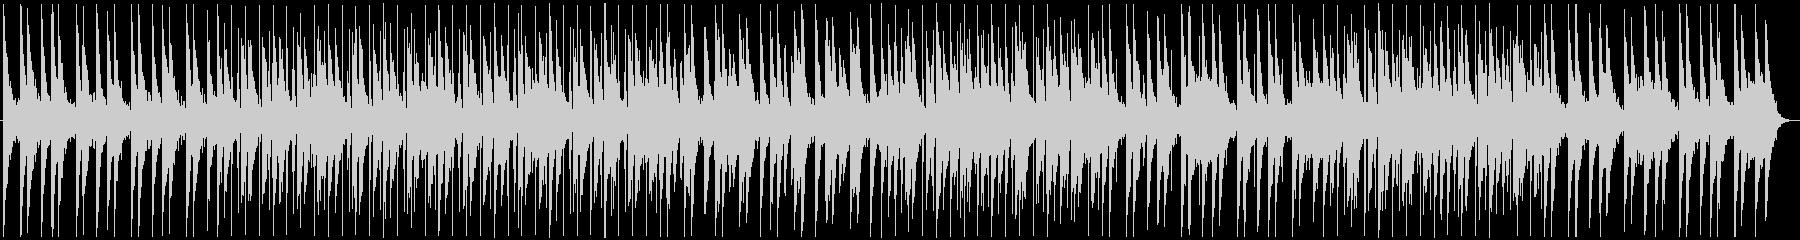 Calm / Relax / Chill / LoFi's unreproduced waveform